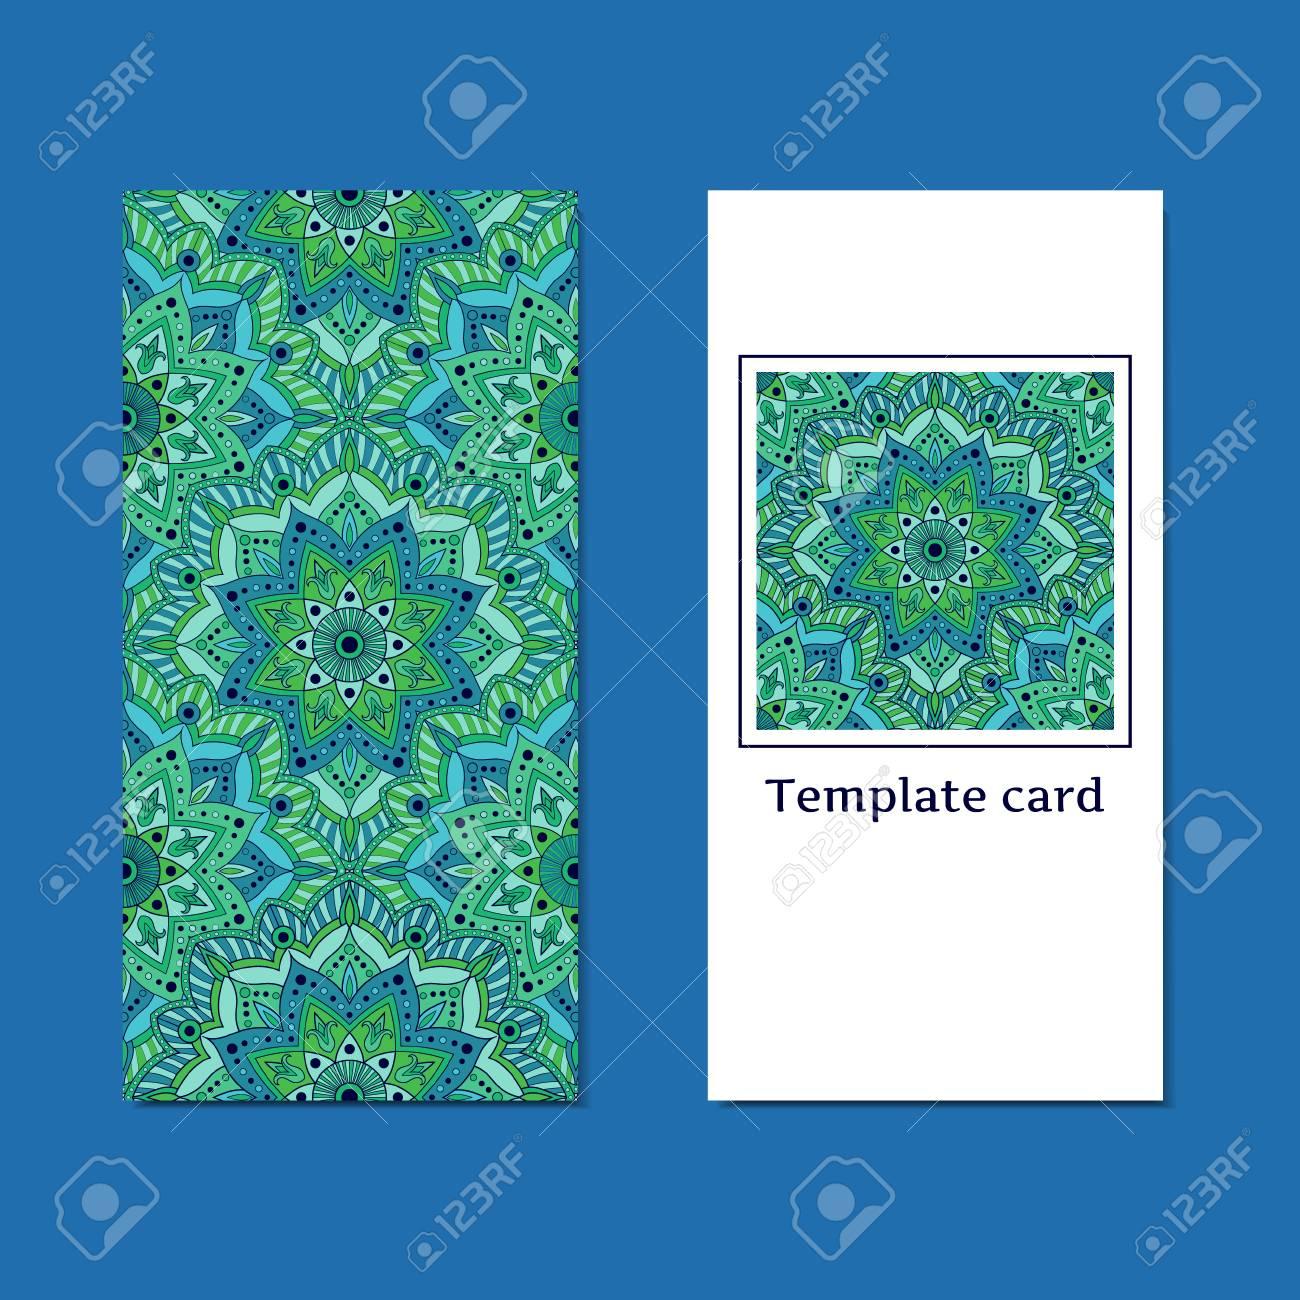 Carte De Linde A Imprimer.Vecteur De Mise En Page De Modele Oriental Impression Decorative Orientale Verte Pour La Carte De Voeux Ou La Conception D Invitation Cartes De